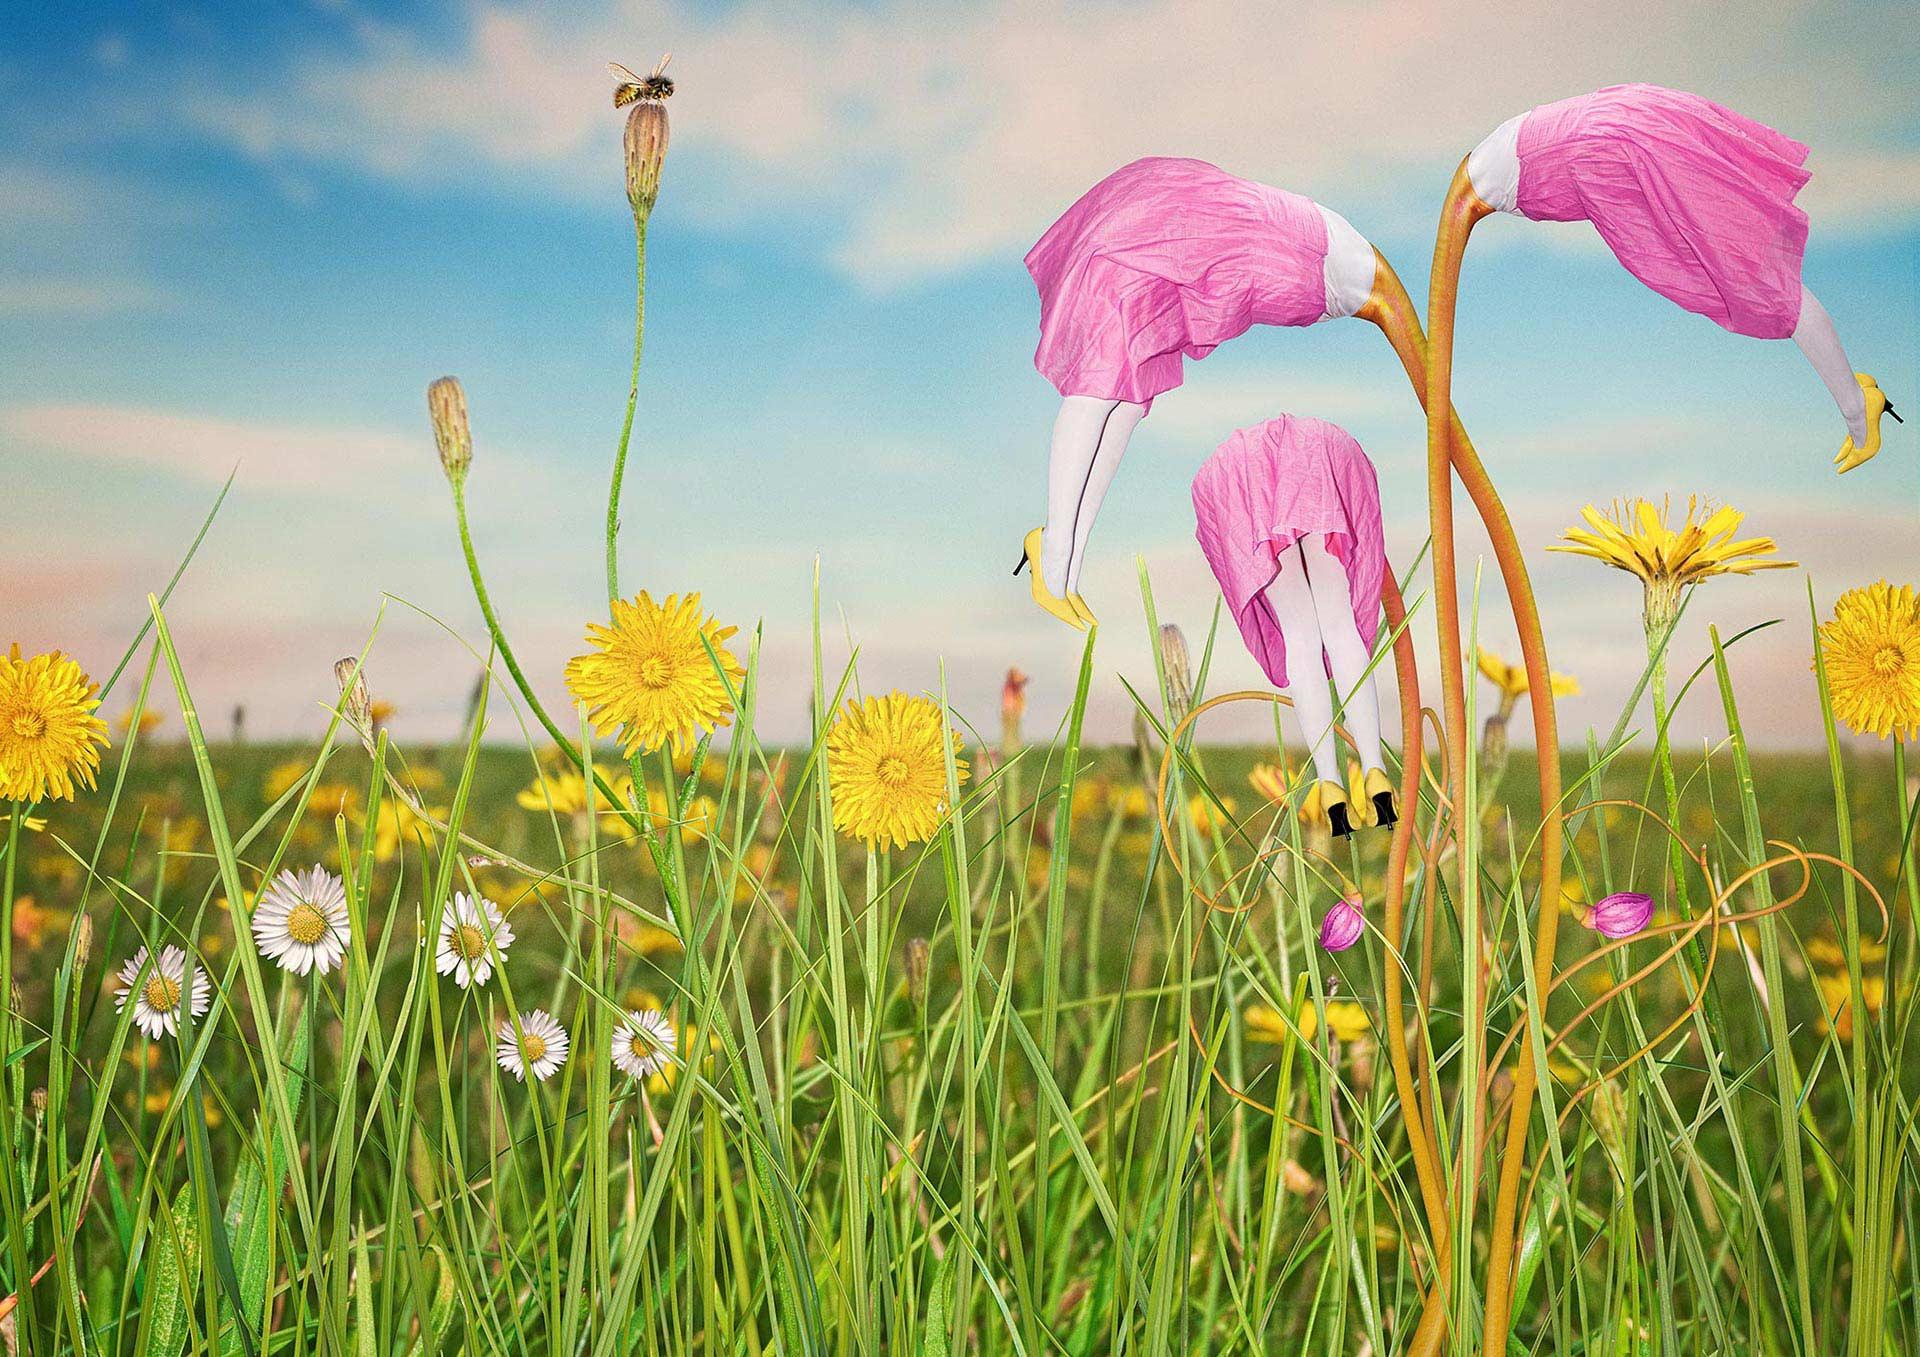 Matt_Pink_Skirt_Flowers